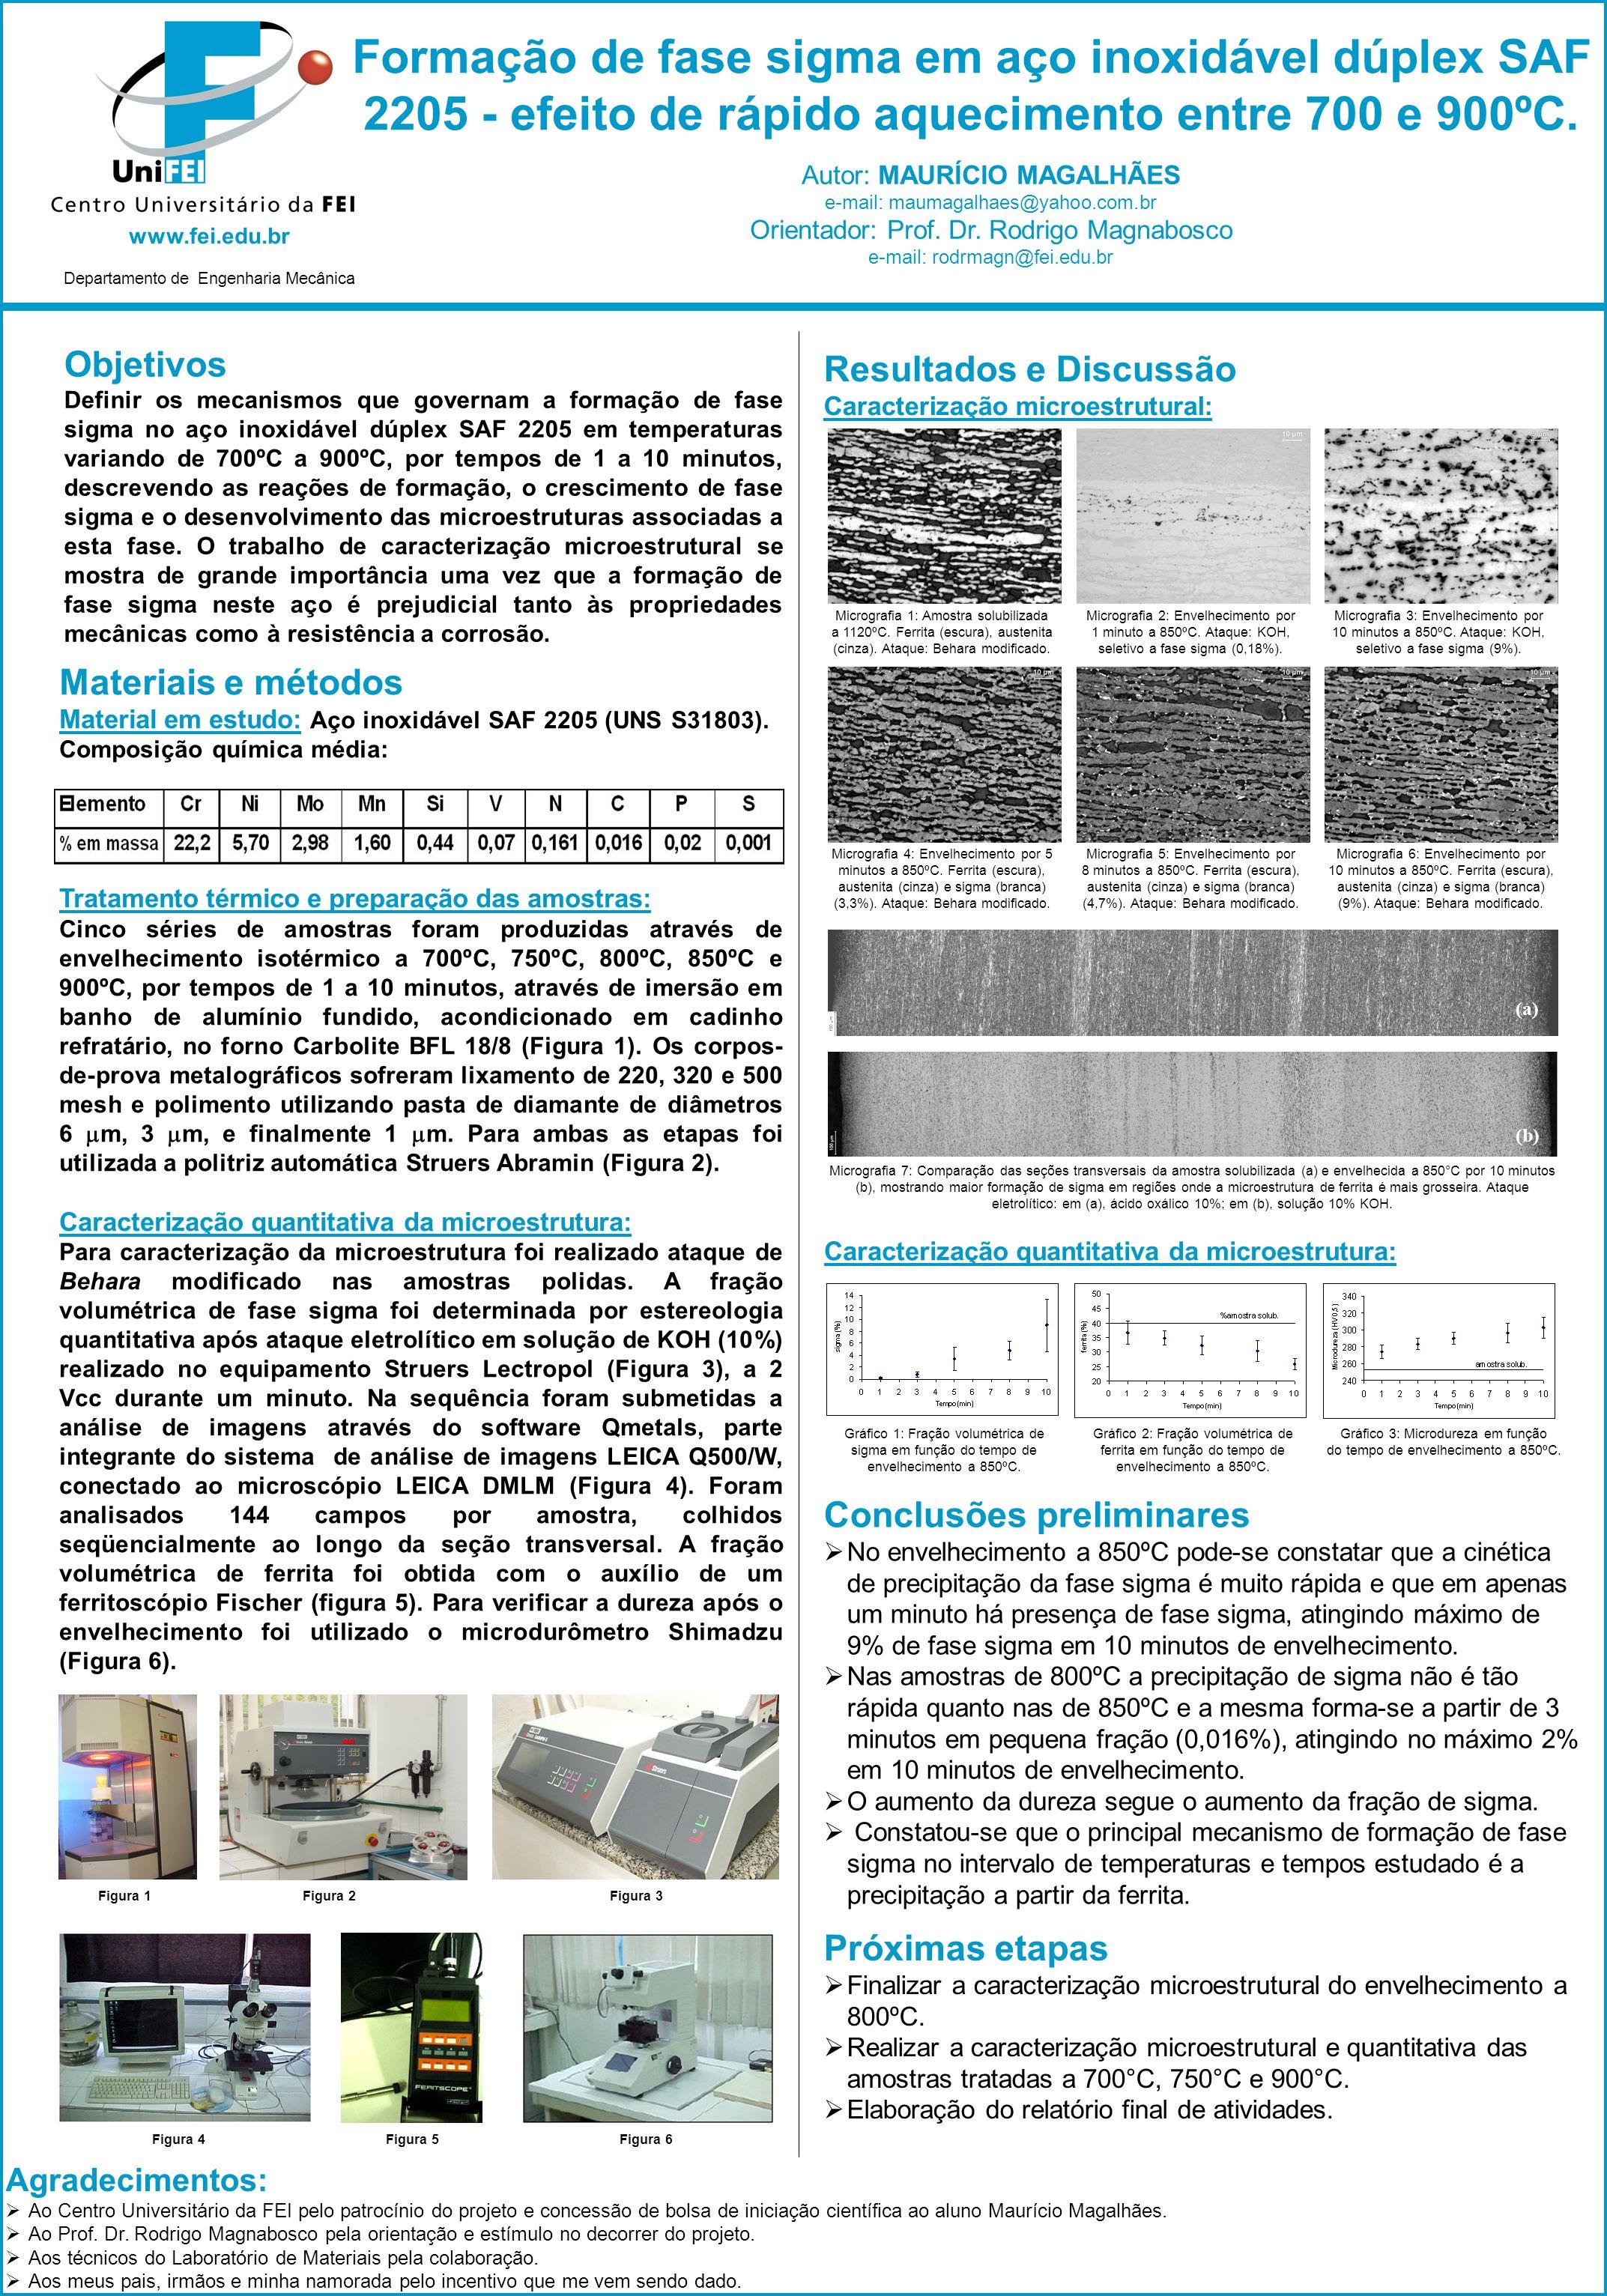 Formação de fase sigma em aço inoxidável dúplex SAF 2205 - efeito de rápido aquecimento entre 700 e 900ºC.